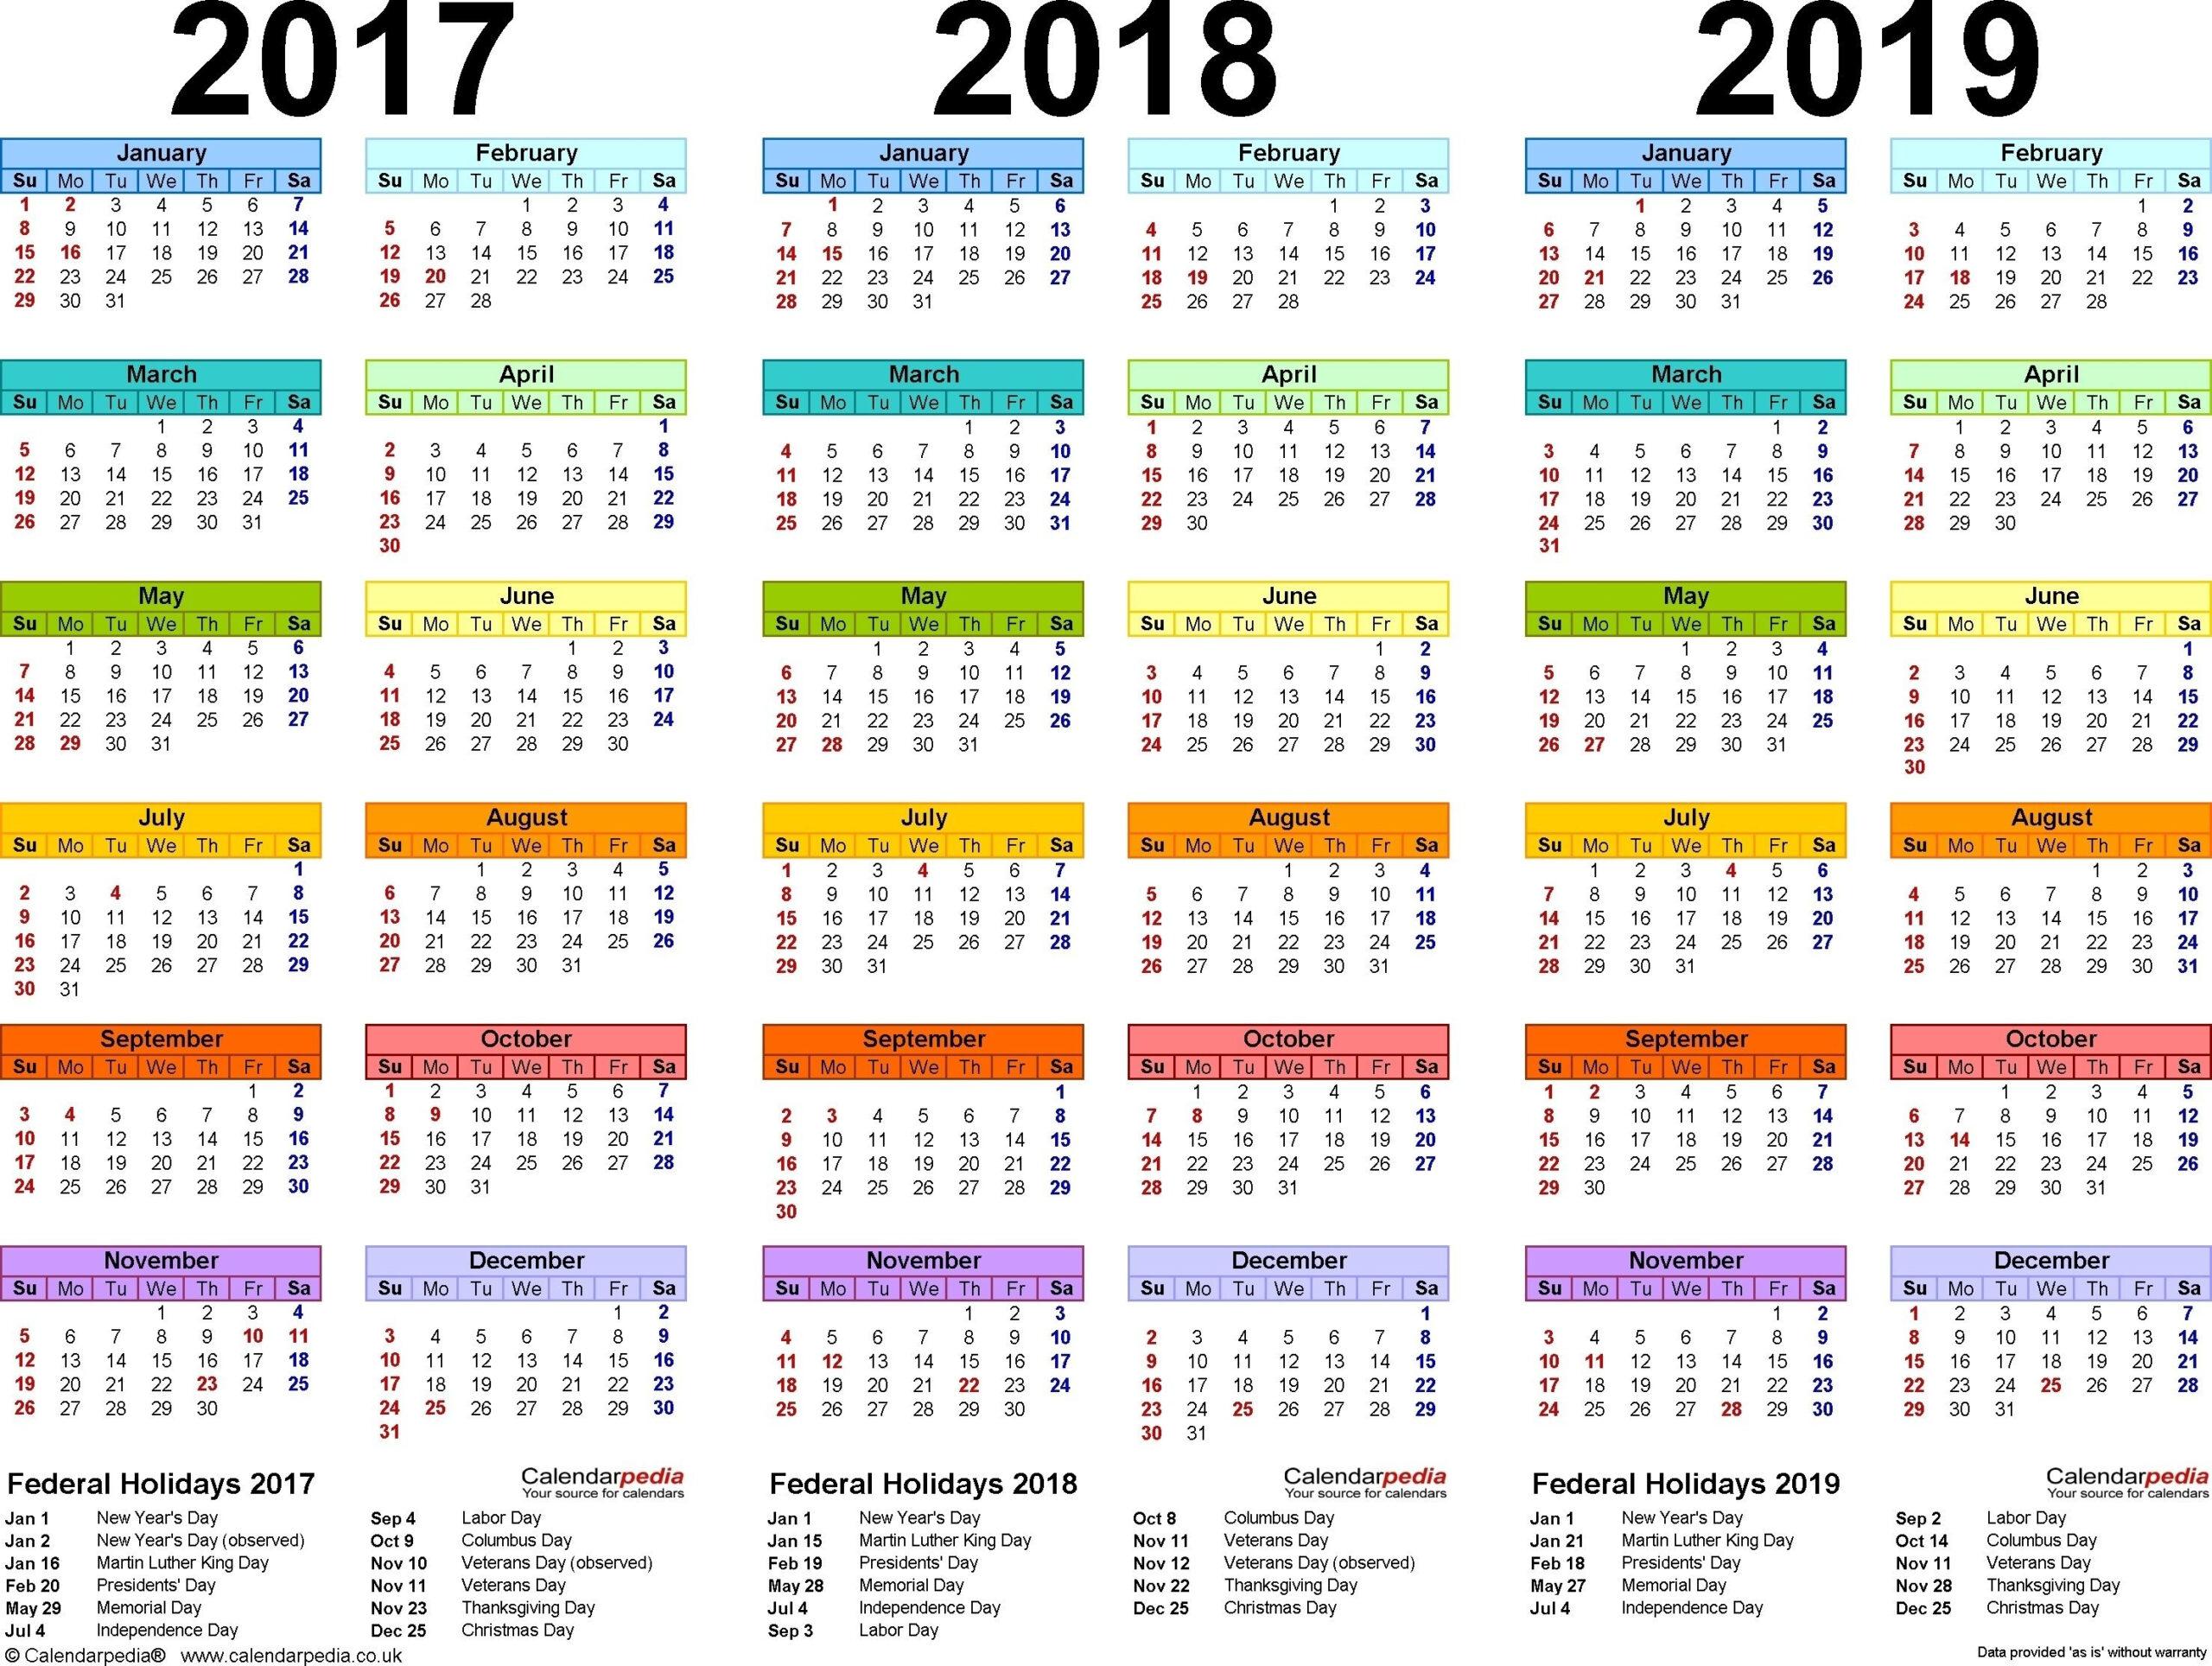 Depo Provera Perpetual Calendar 2018 – Calendar Printable